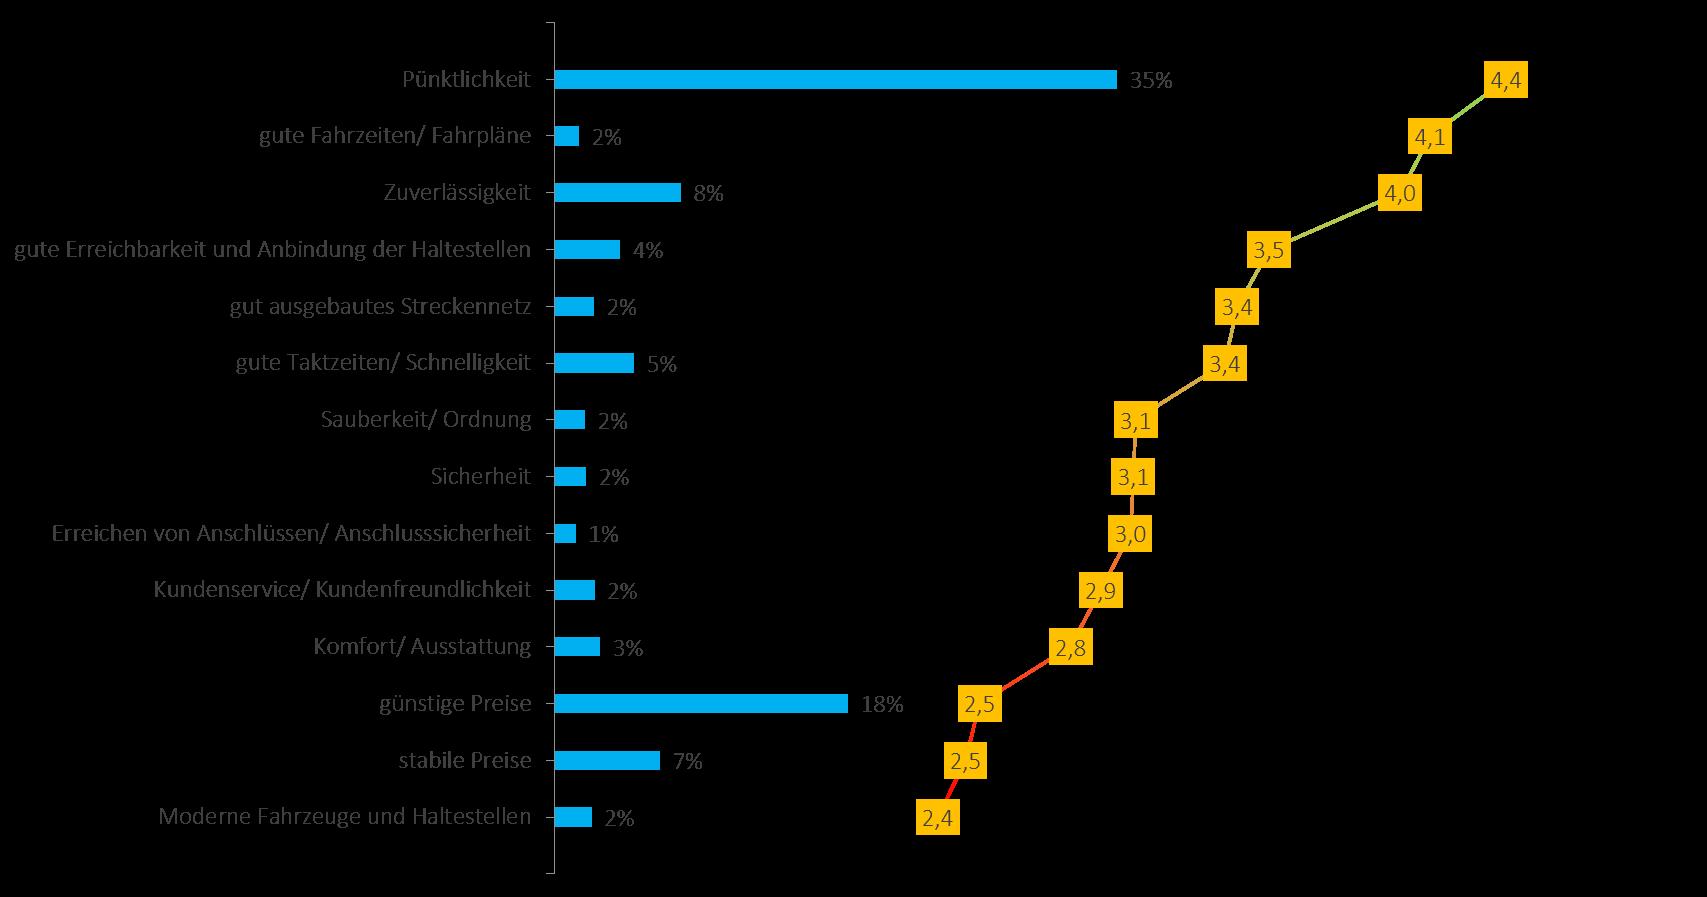 Wichtigkeit (blau) und Mittelwert der Zufriedenheit (gelb) mit Faktoren des Öffentlichen Personennahverkehrs